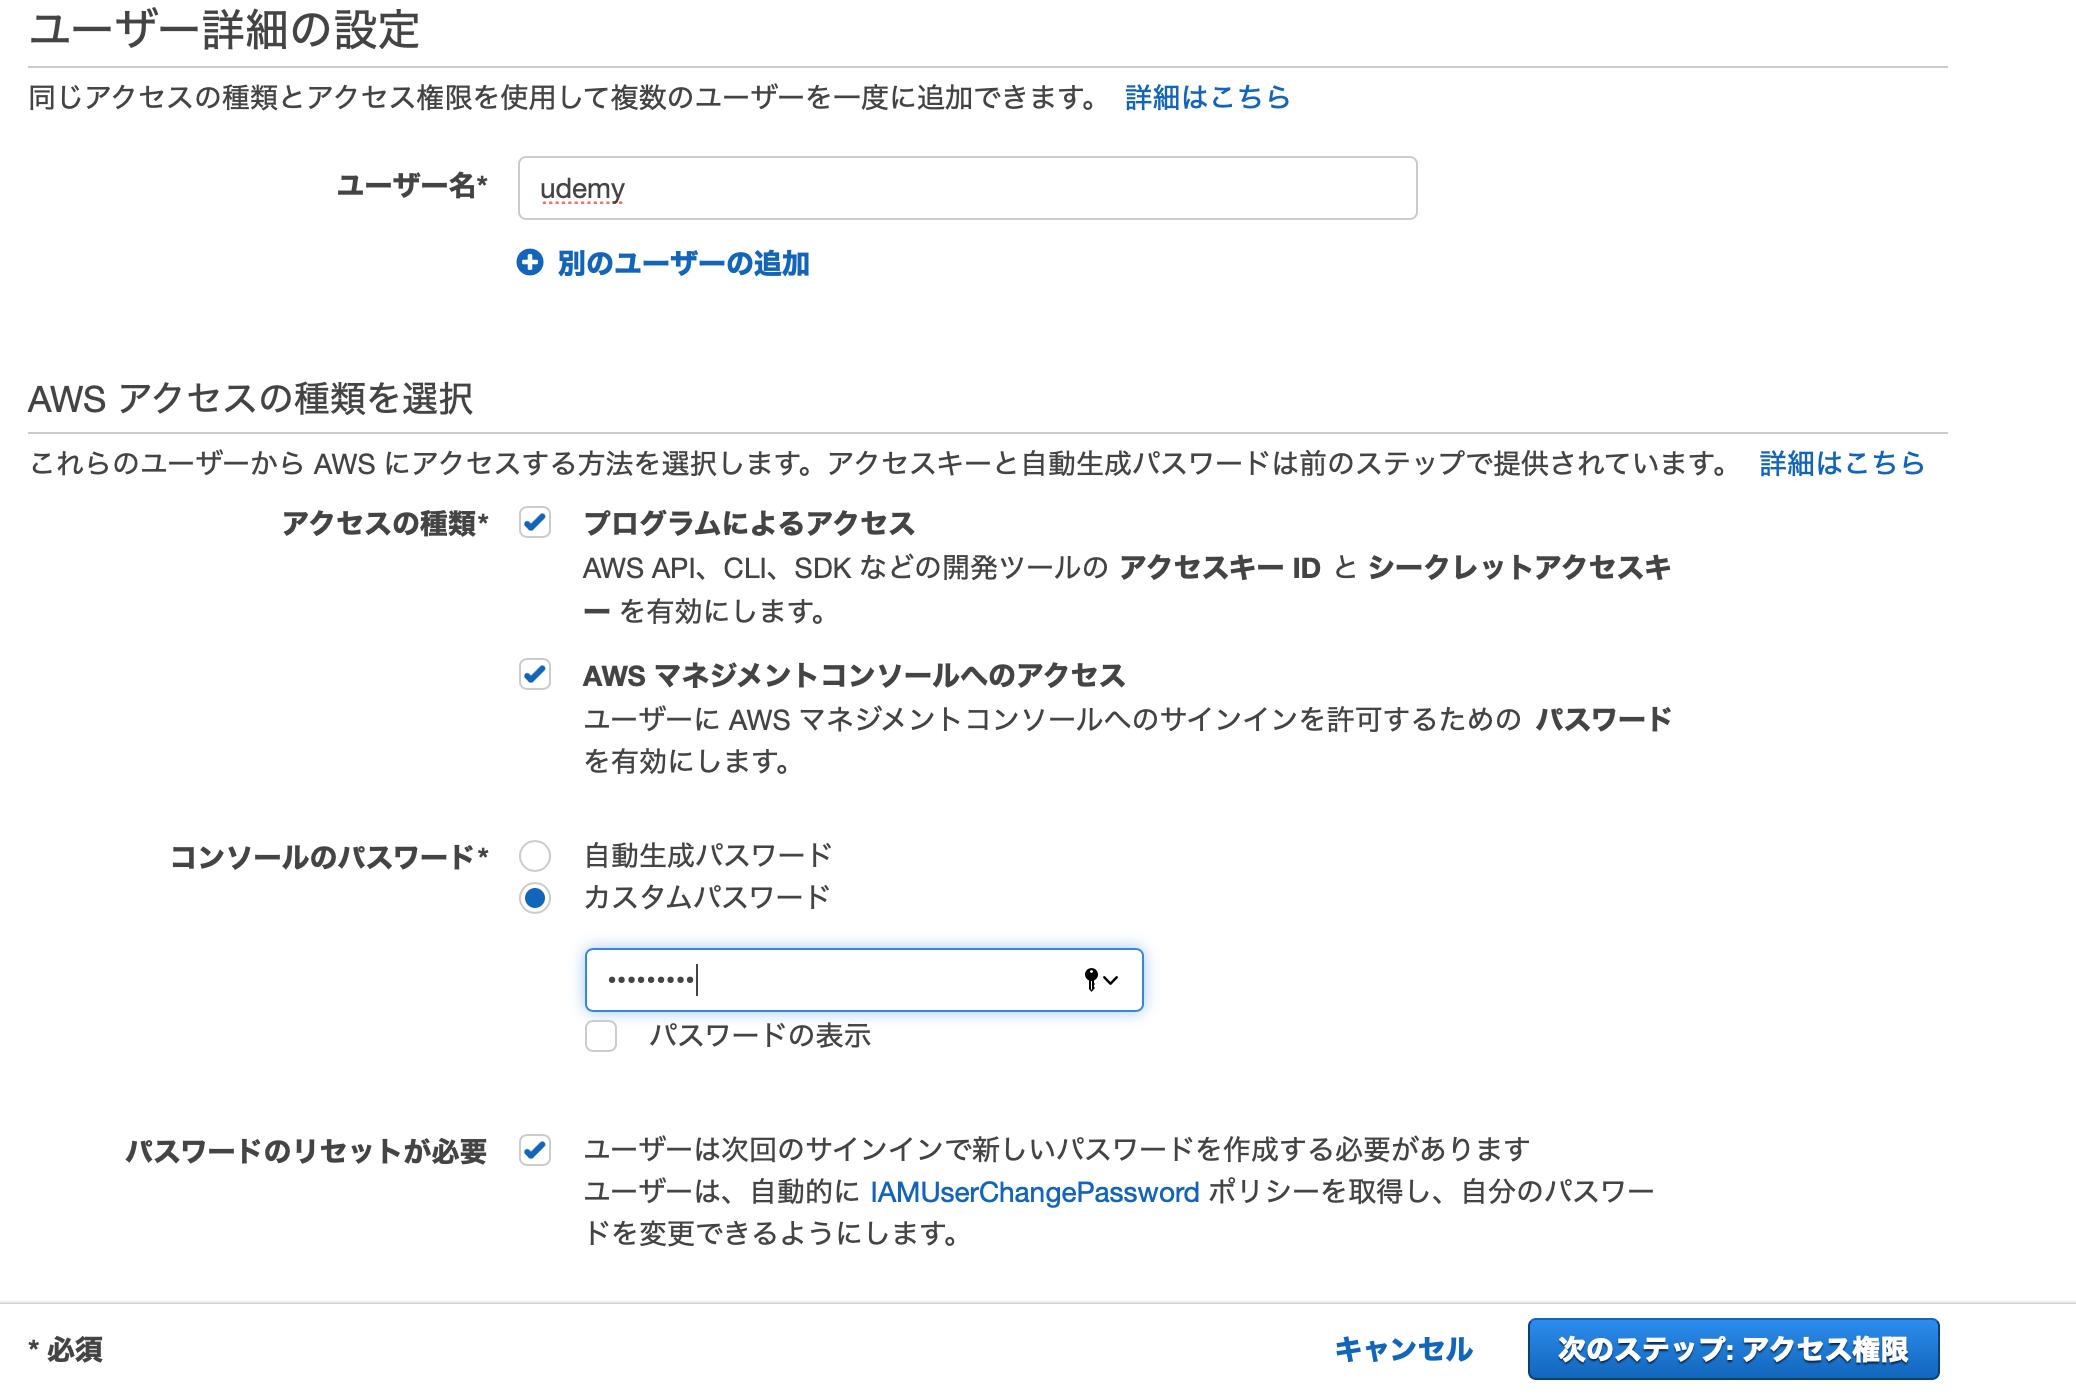 スクリーンショット 2020-01-17 10.39.14.png